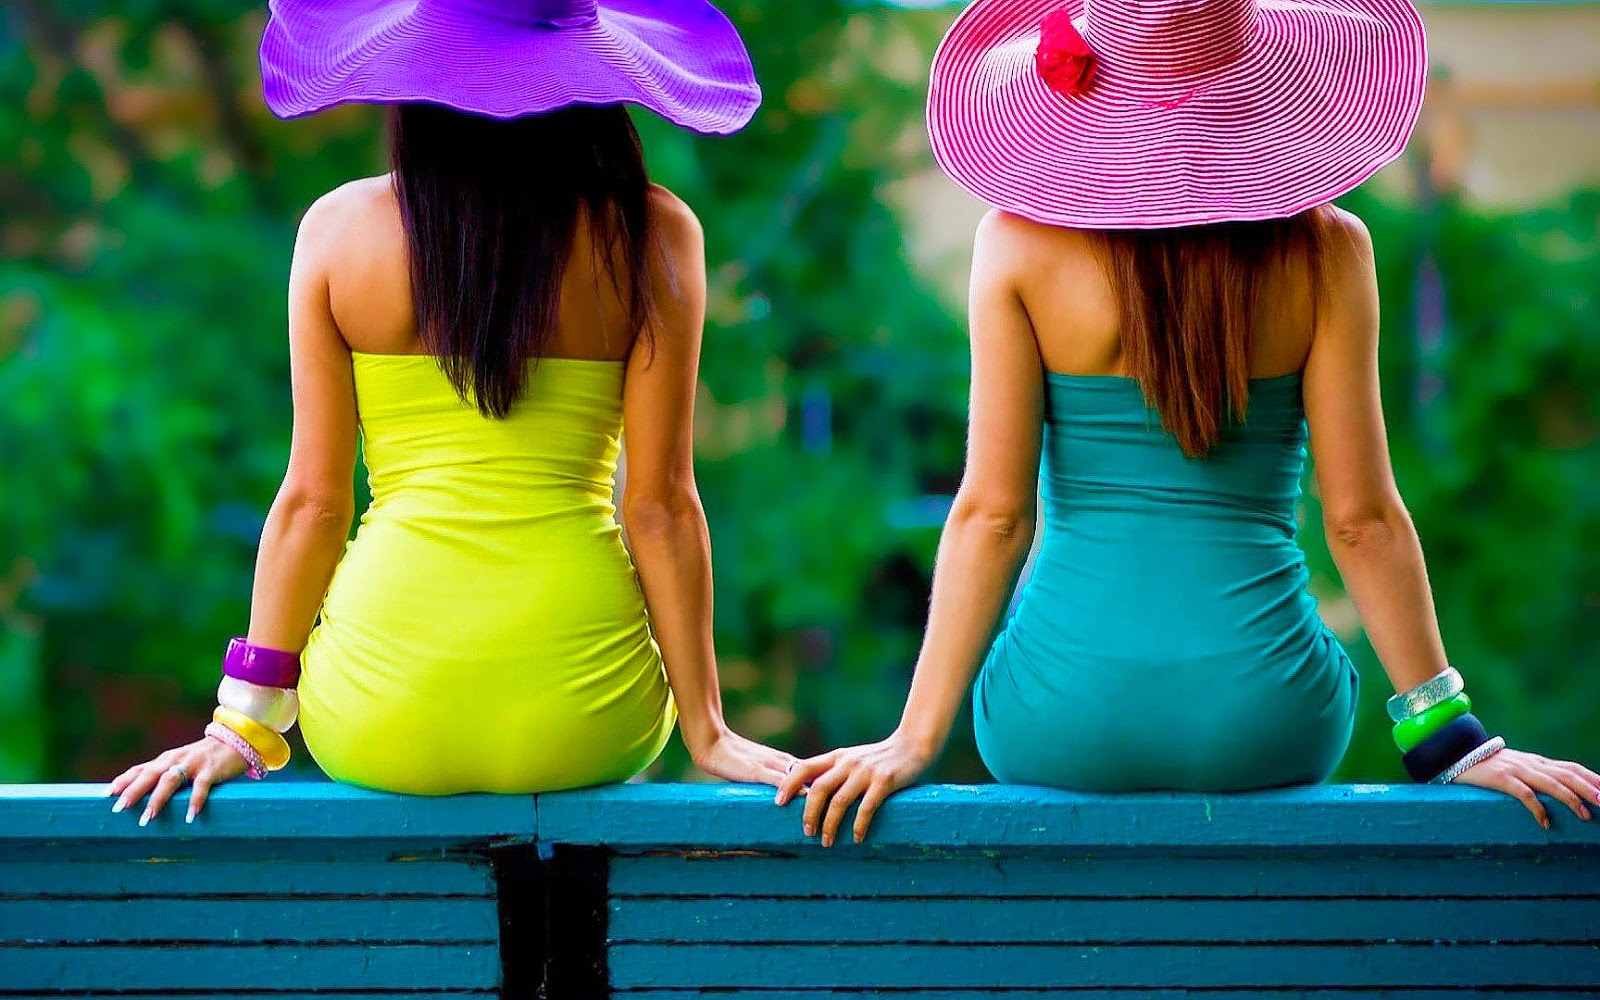 Vrouw op een bankje in een jurk